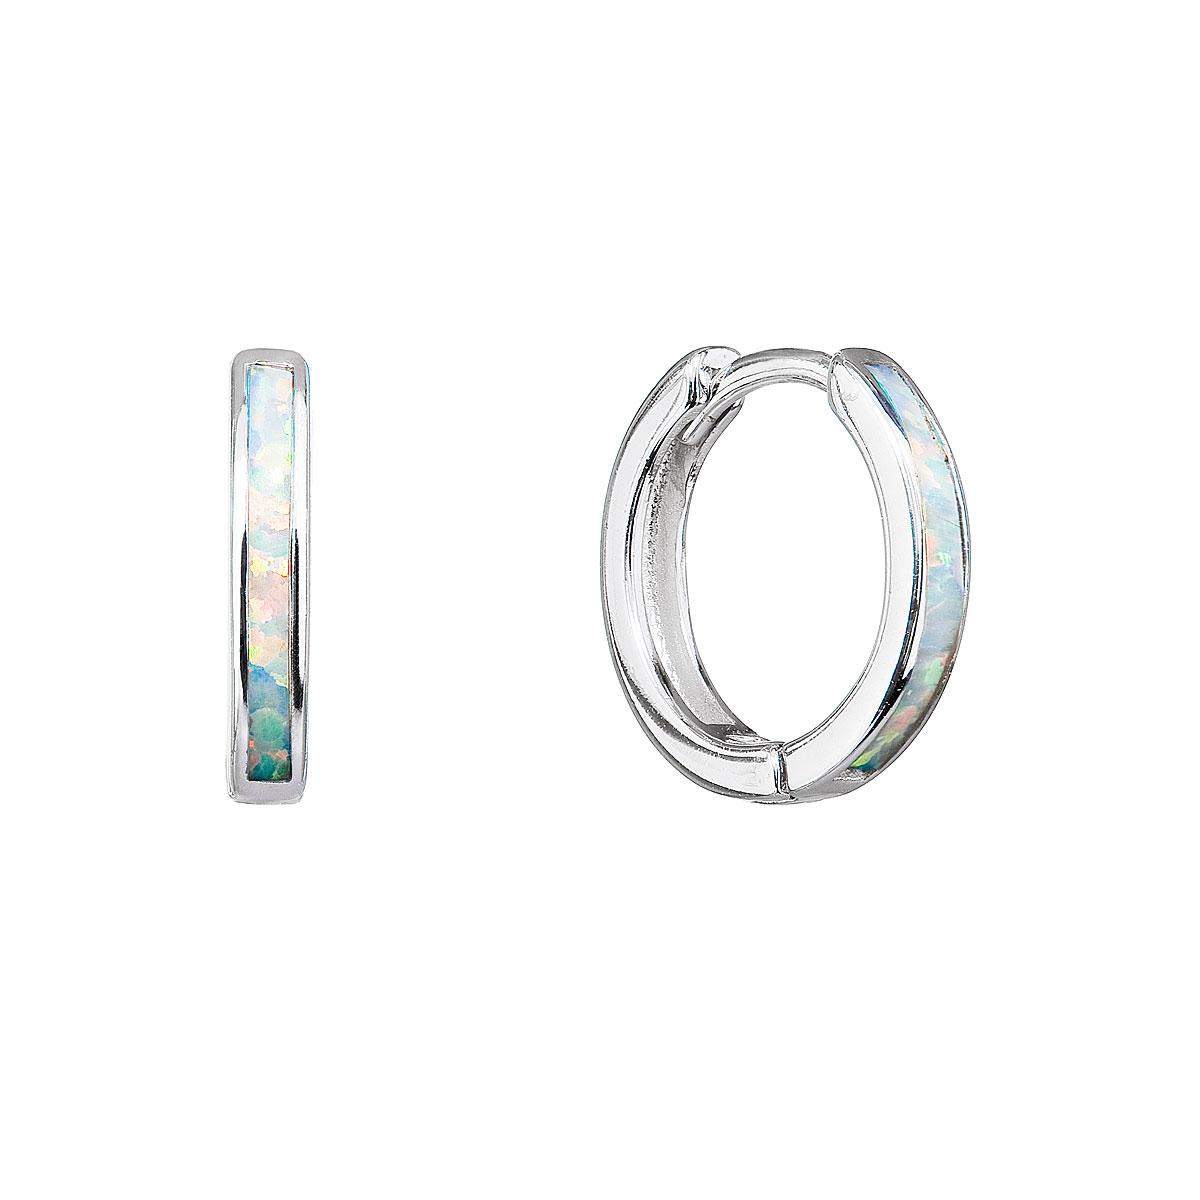 Strieborné náušnice kruhy so syntetickým opálom bielej 11403.1